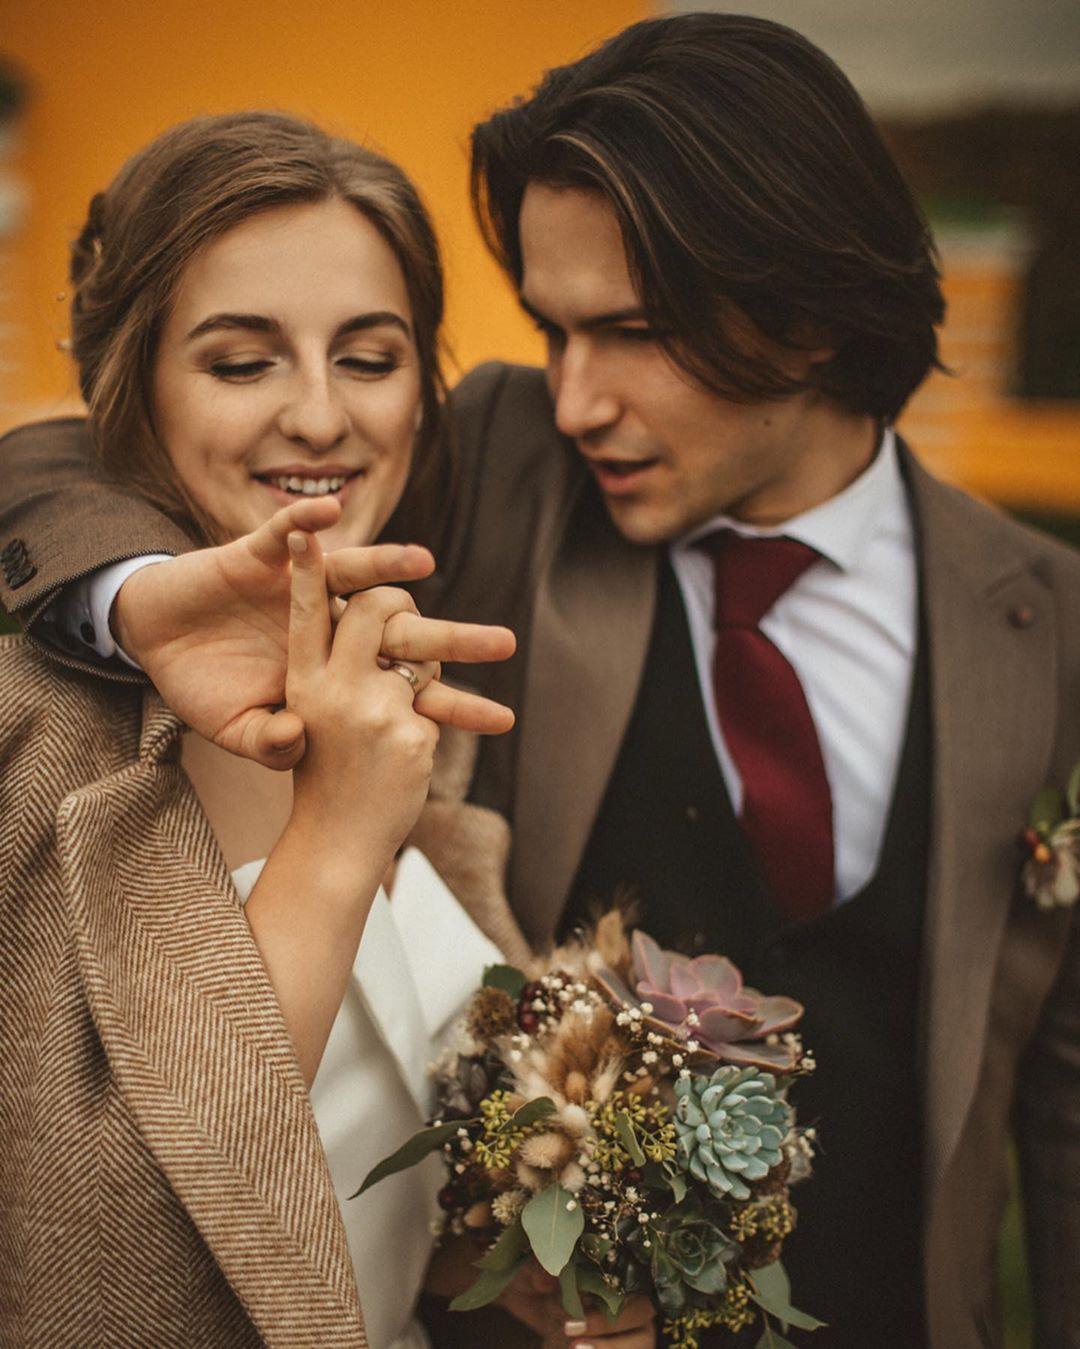 Свадебный букет невесты. Фото3